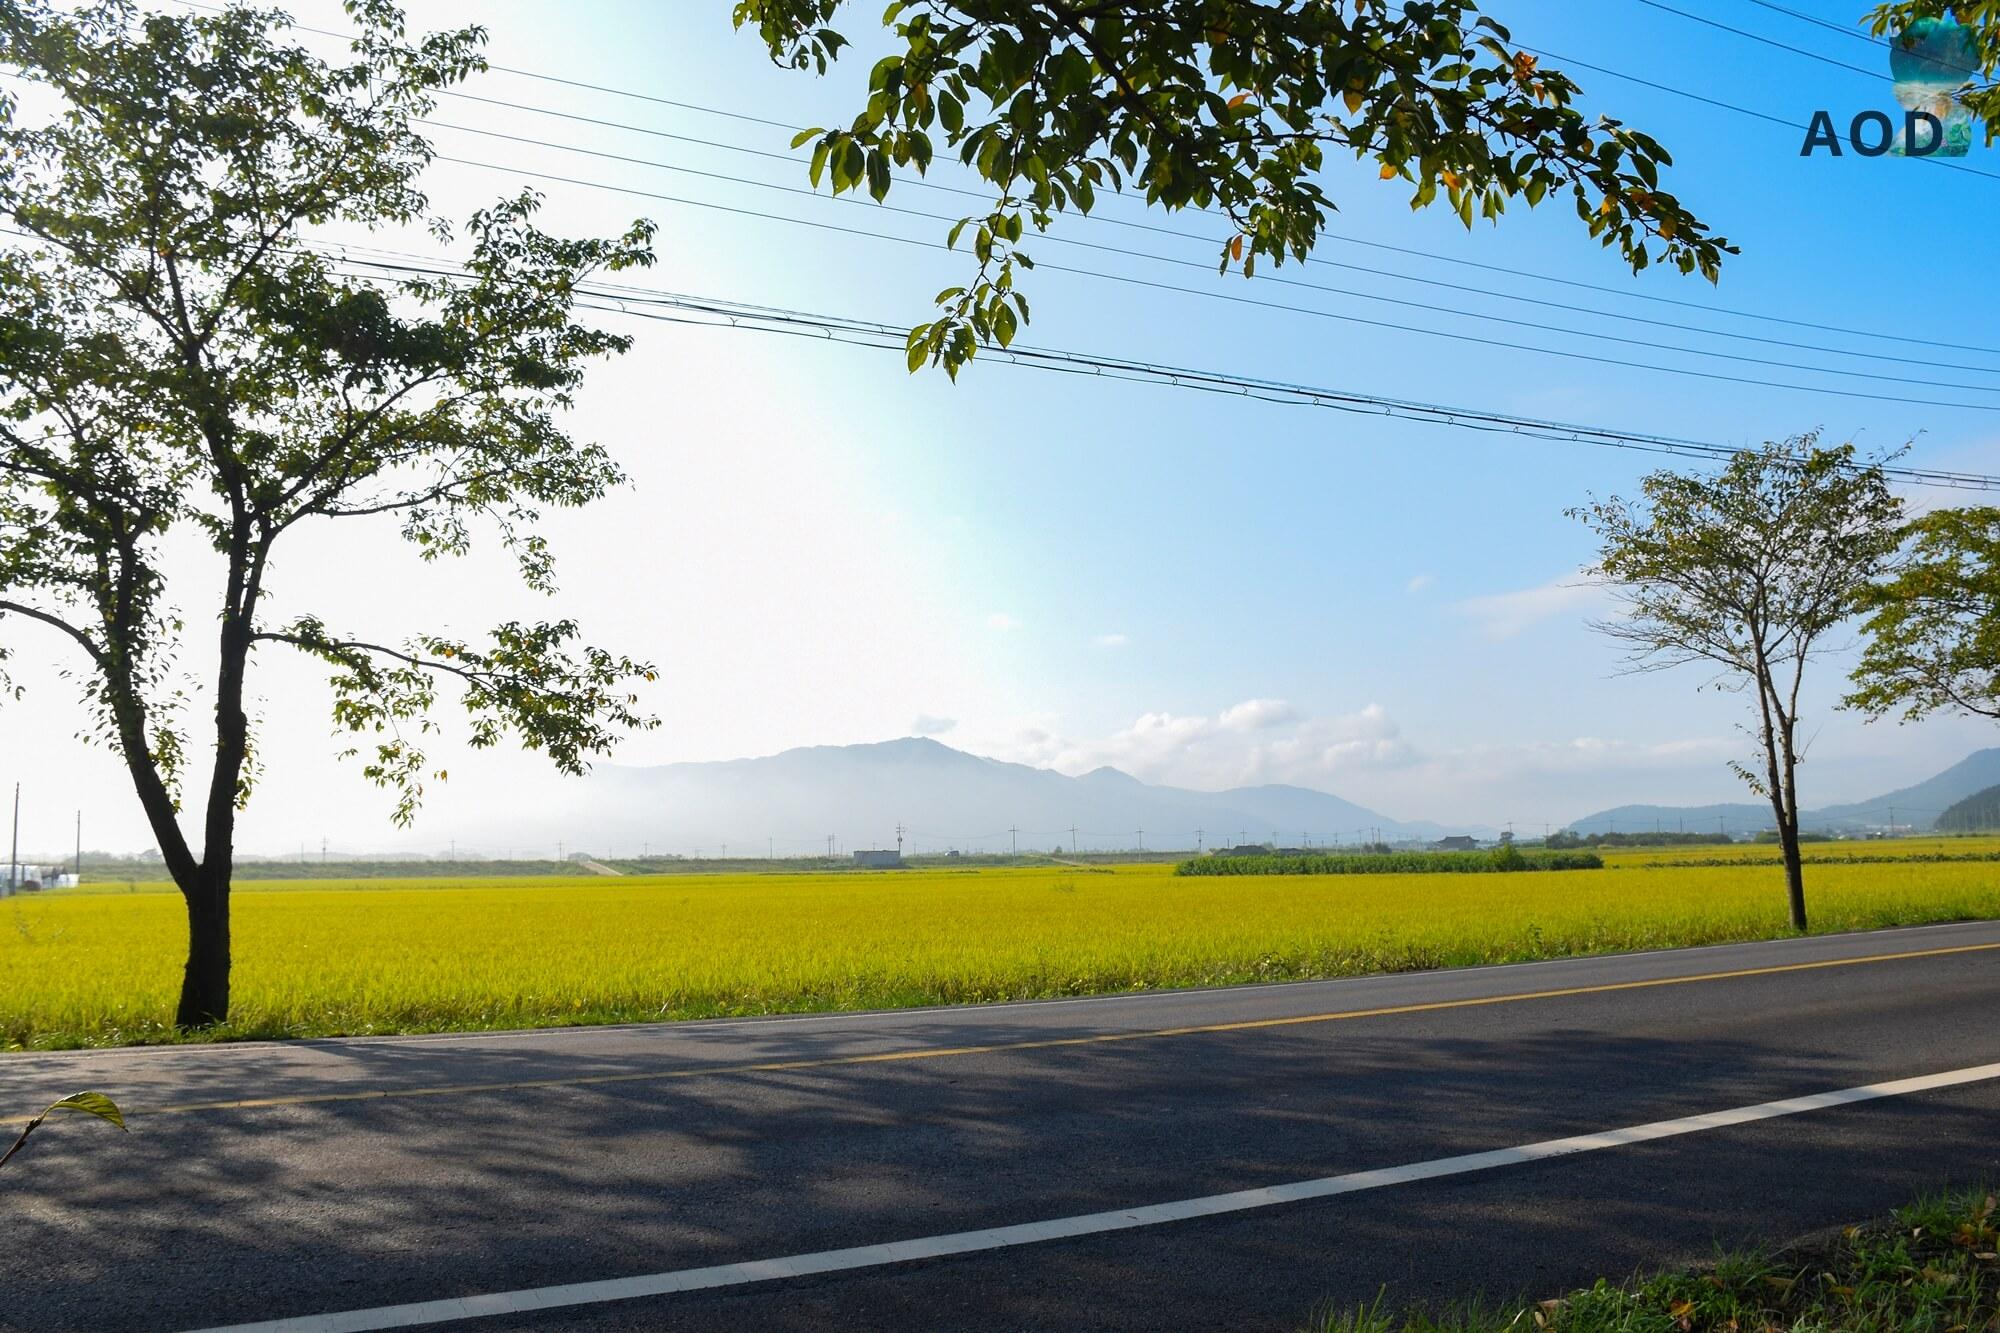 Straße Richtung Königsgrab von Taejong Muyeol - Fußweg hört plötzlich auf